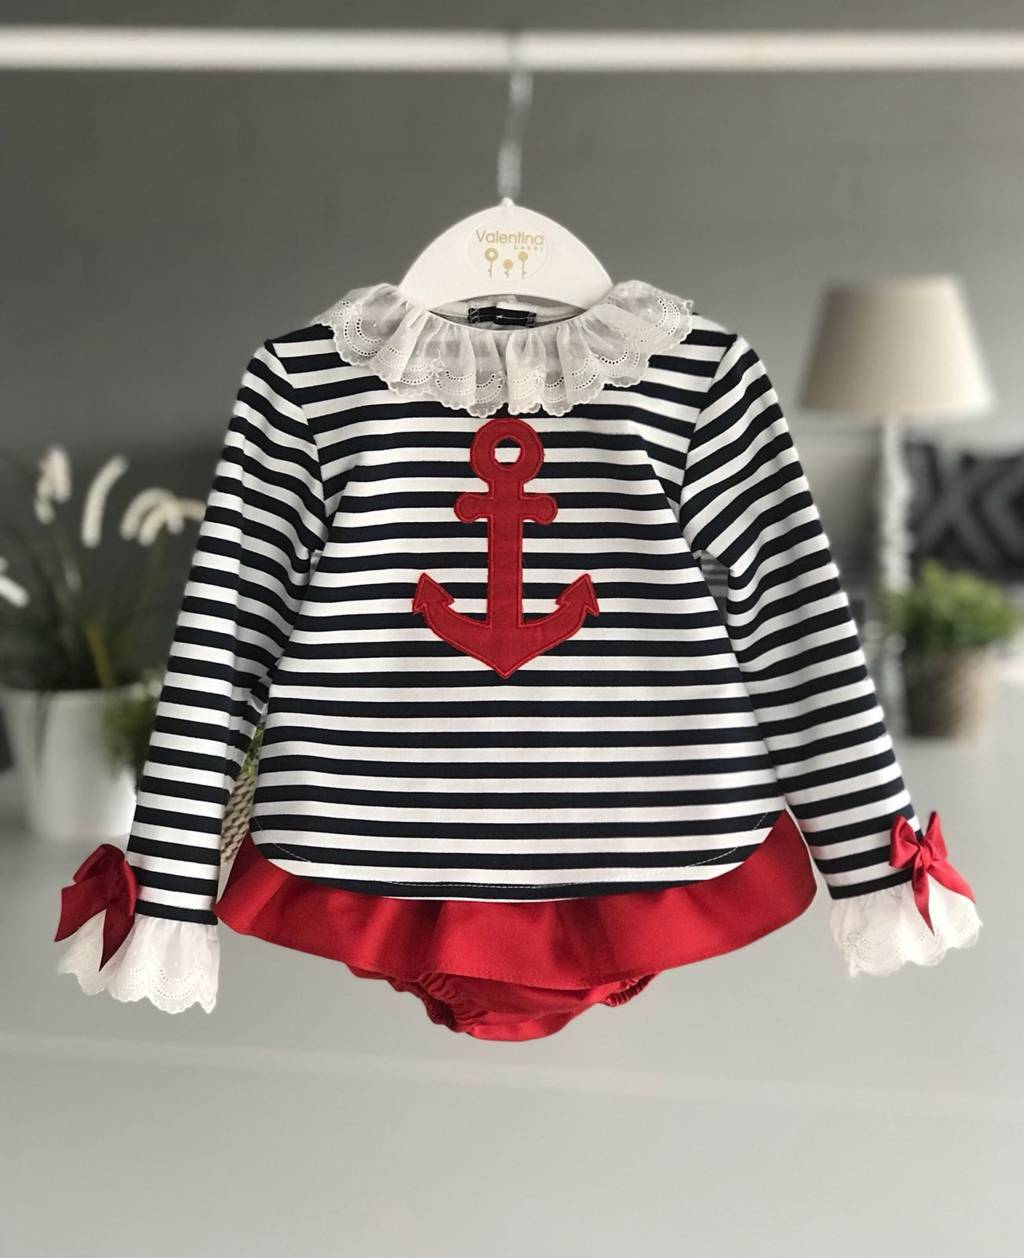 Conjunto marinero Valentina bebes